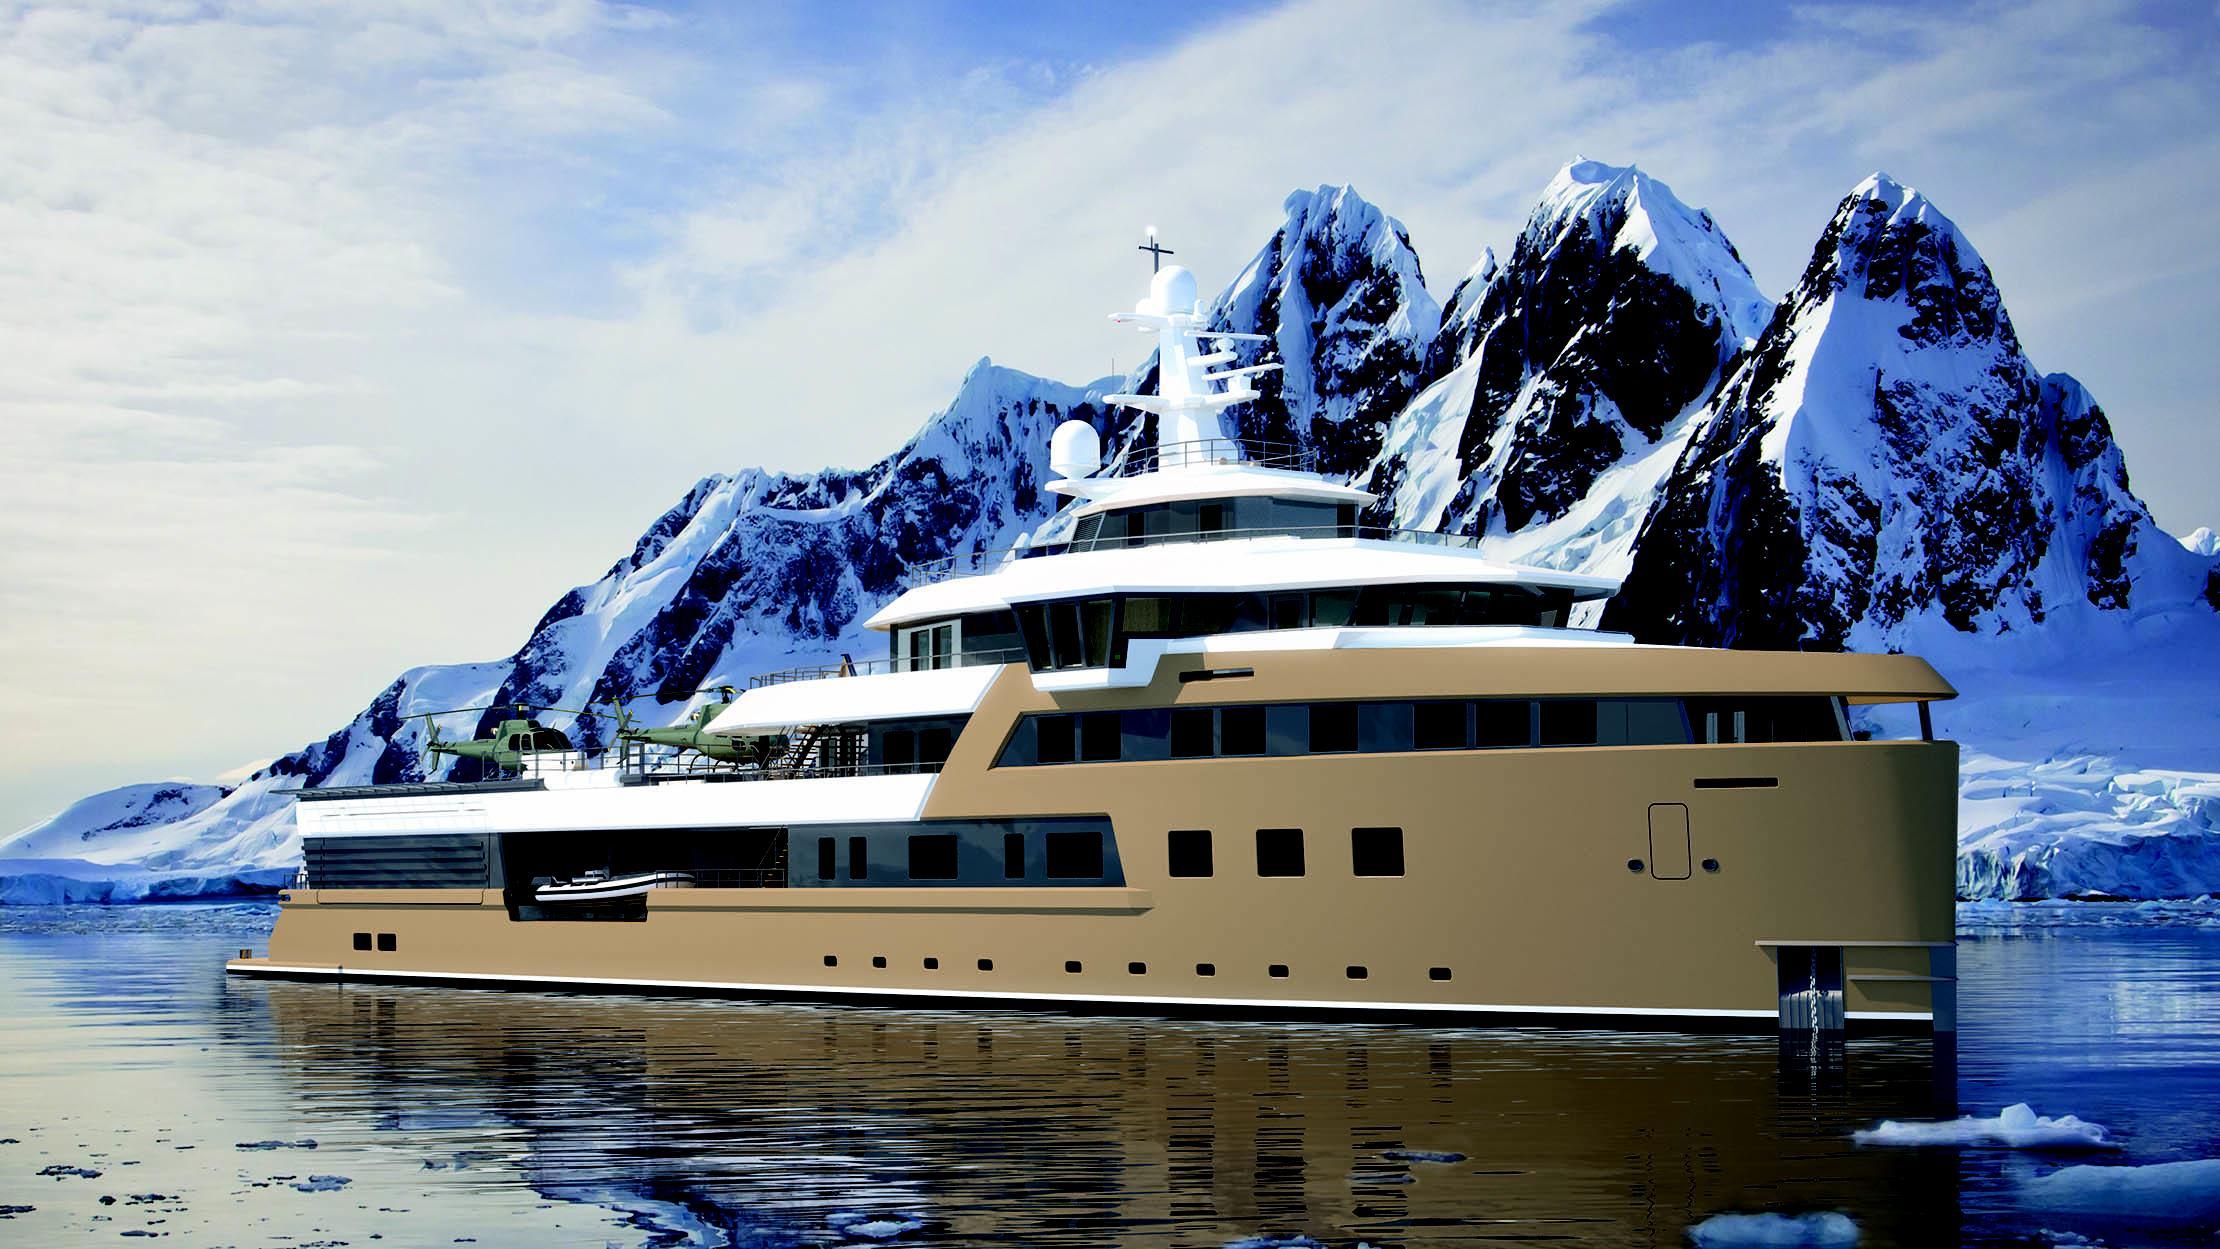 seaxplorer 77 motoryacht damen 77m 2020 rendering profile